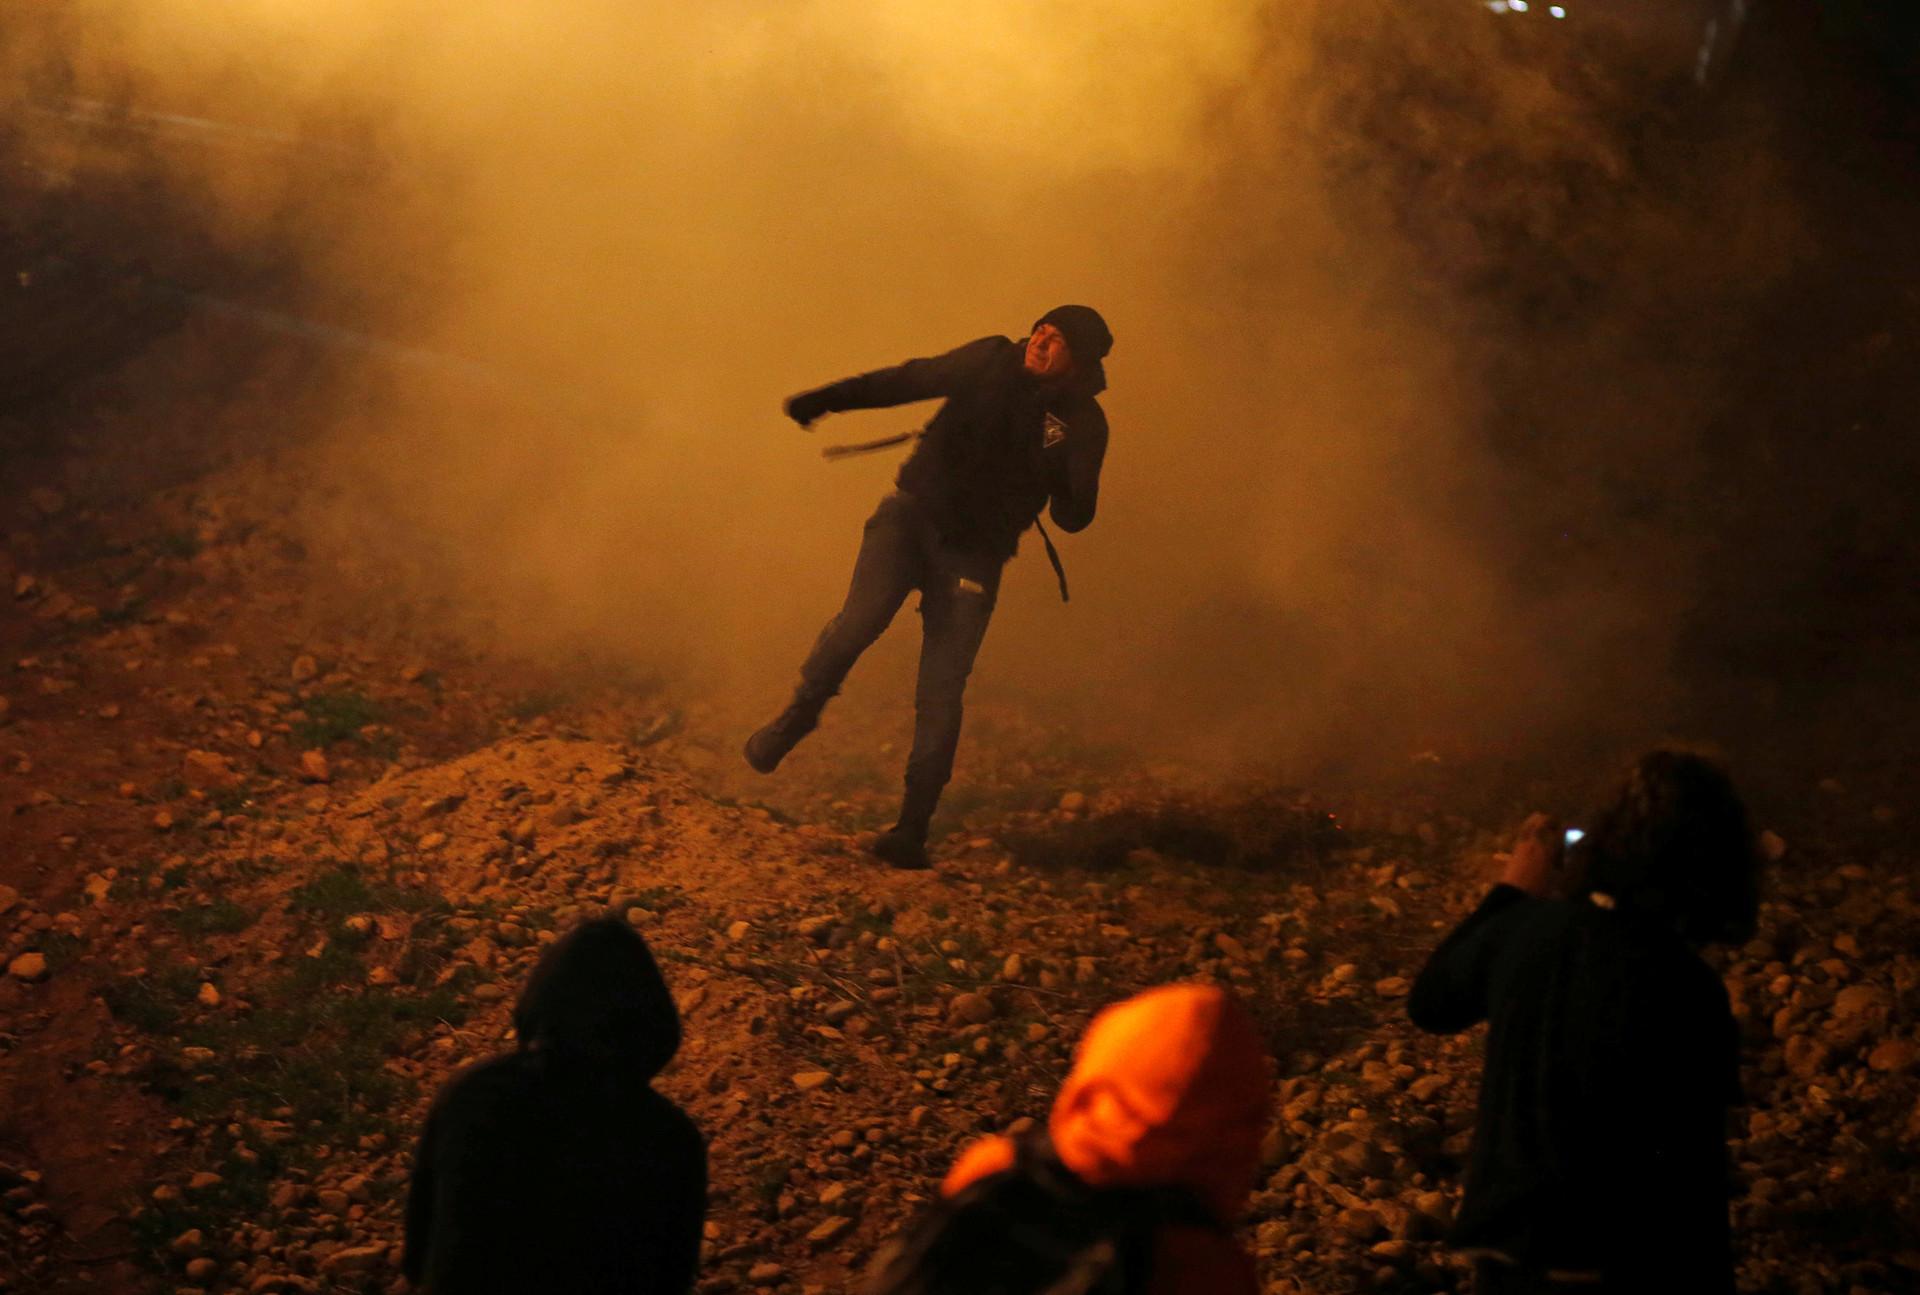 México pide explicaciones a EE.UU. sobre el lanzamiento de gas contra migrantes cerca de la frontera